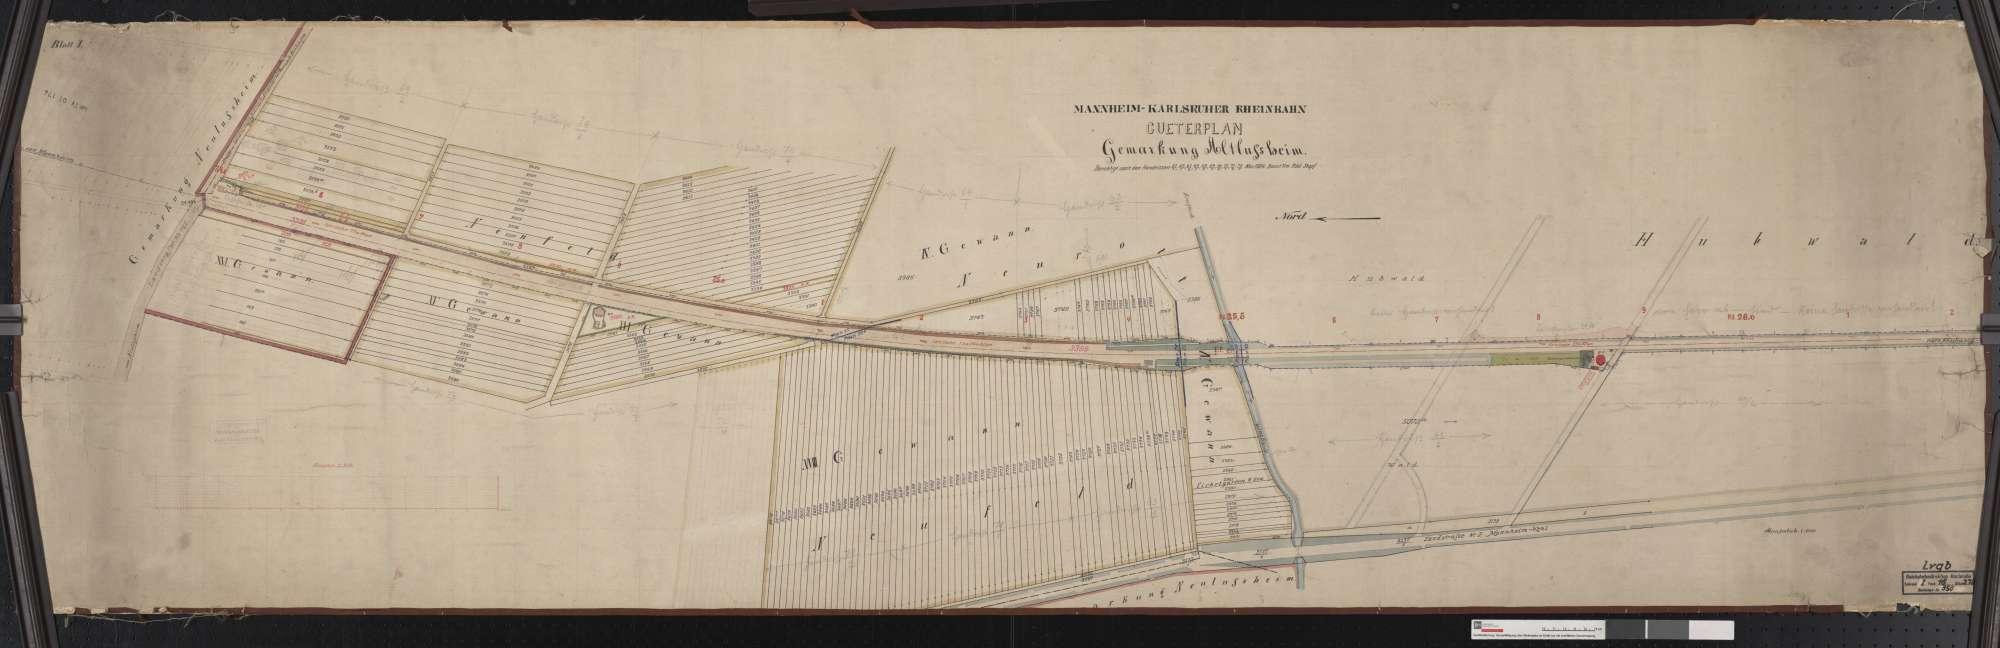 Güterplan der Mannheim-Karlsruher Rheinbahn: Gemarkung Altlußheim Streckenausschnitt: 24,5 bis 26,2 km, Bild 1